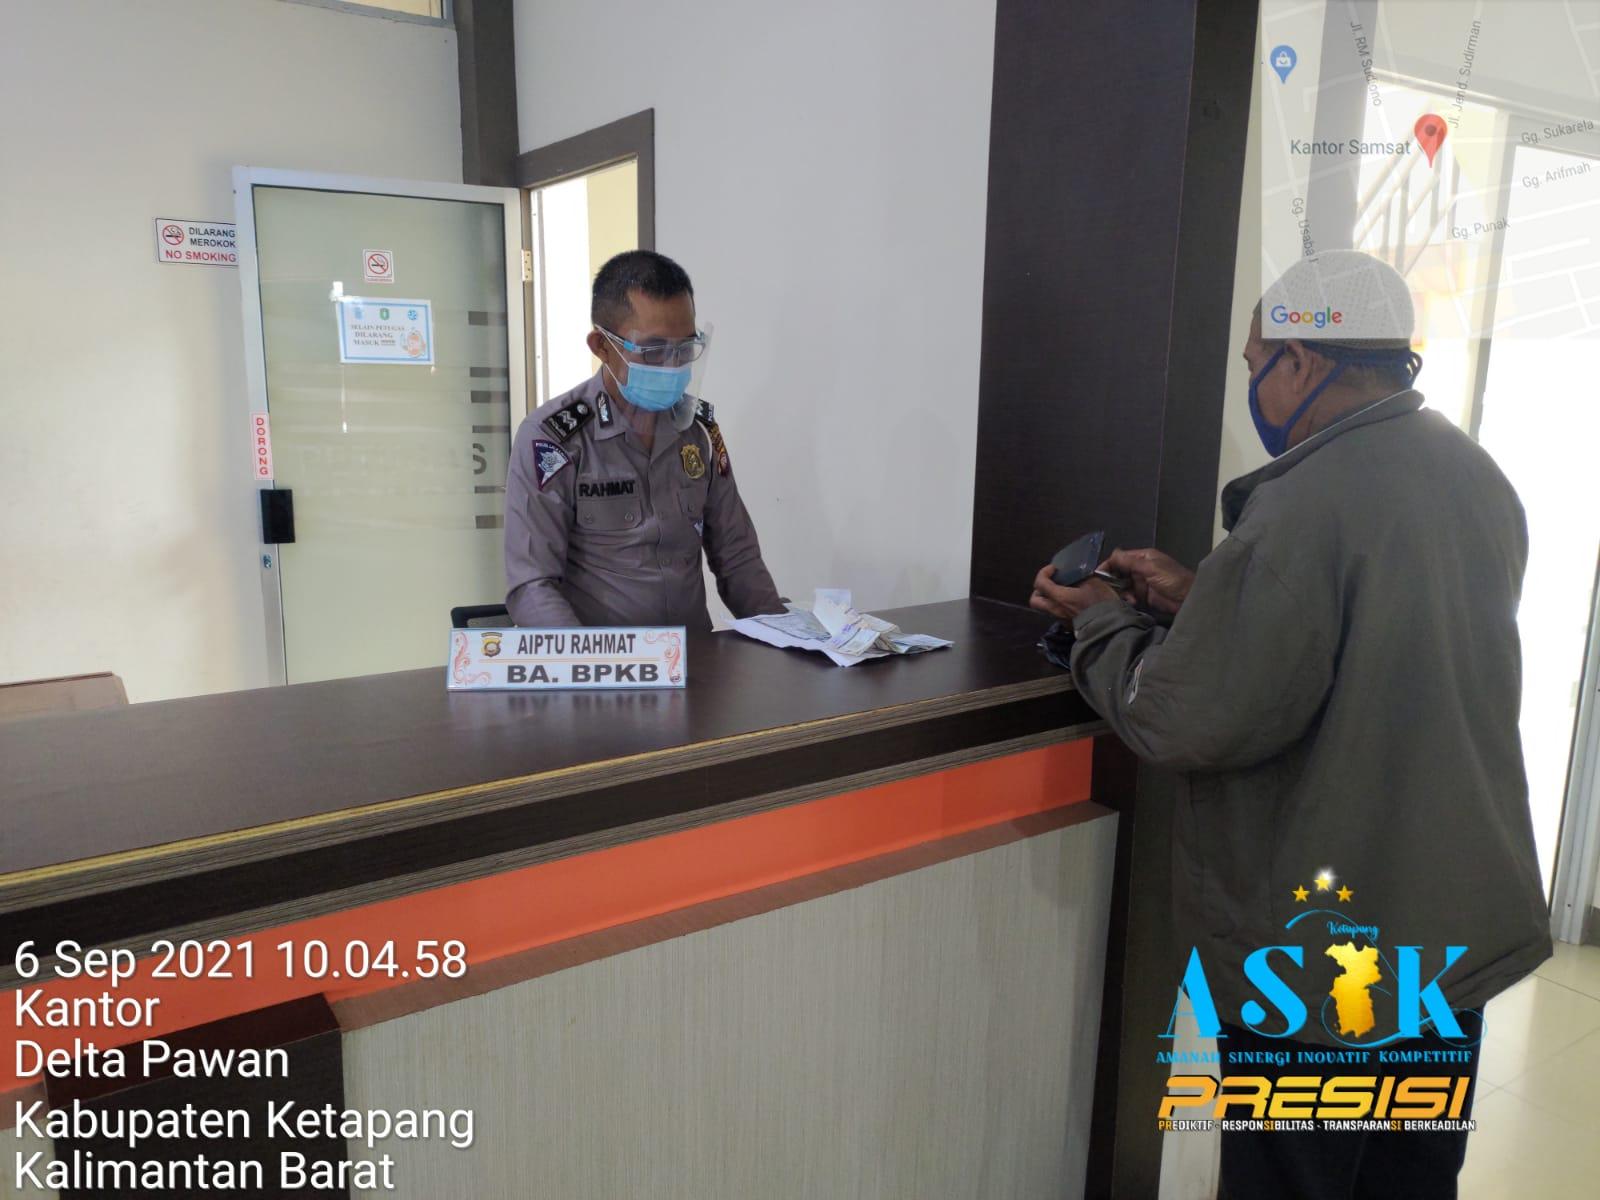 Sistem Elektronik Registrasi dan Identifikasi pada Pelayanan BPKB di Samsat Ketapang